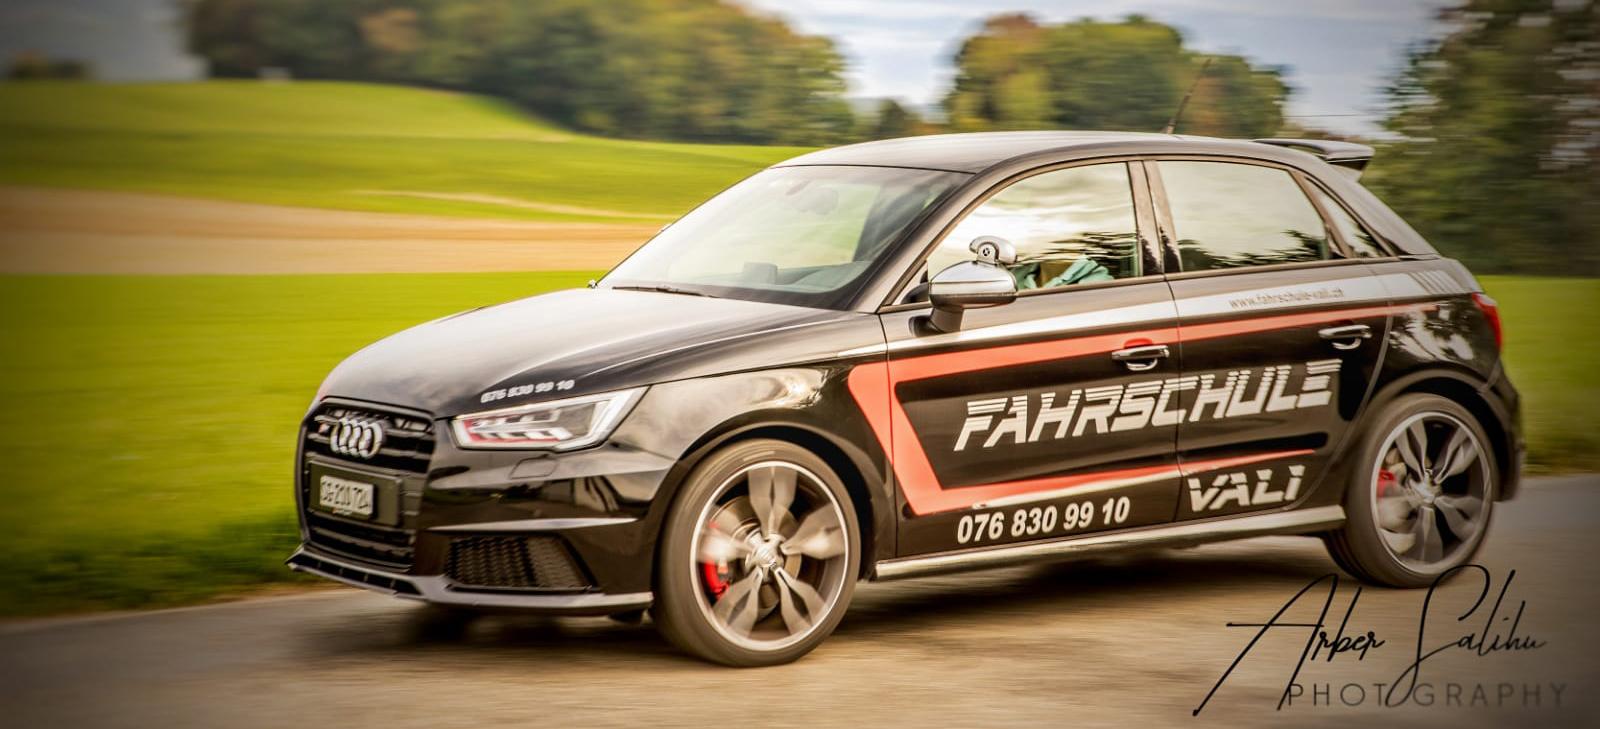 Fahrschule Vali - Beschriftetes Auto Audi A1